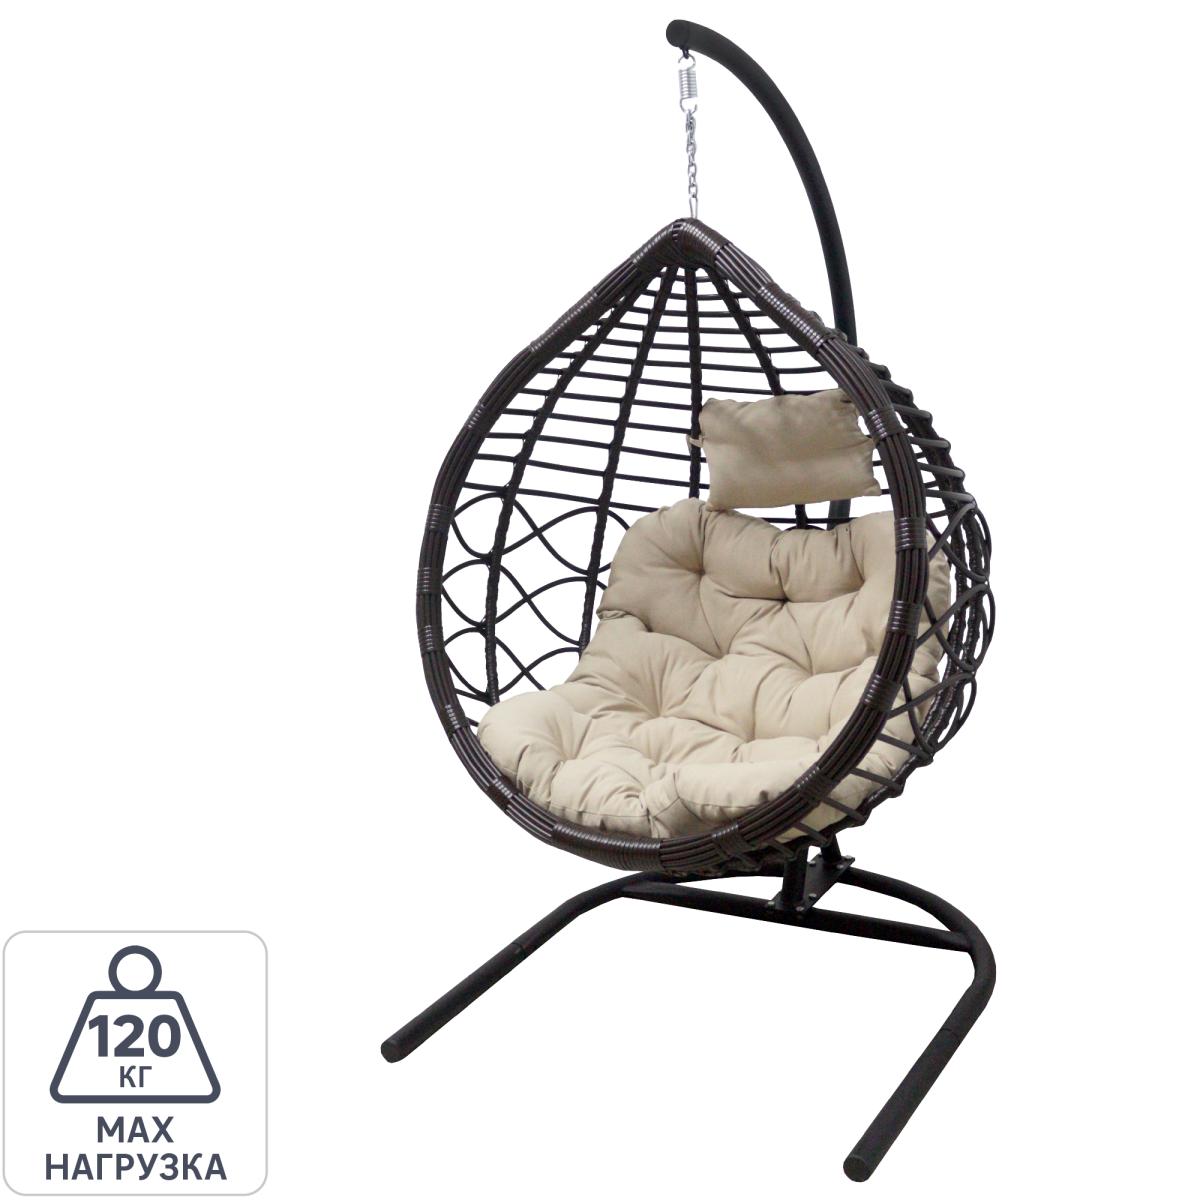 Кресло подвесное с опорой Veil 2 102x200x126 см искусственный ротанг темно-коричневый/бежевый